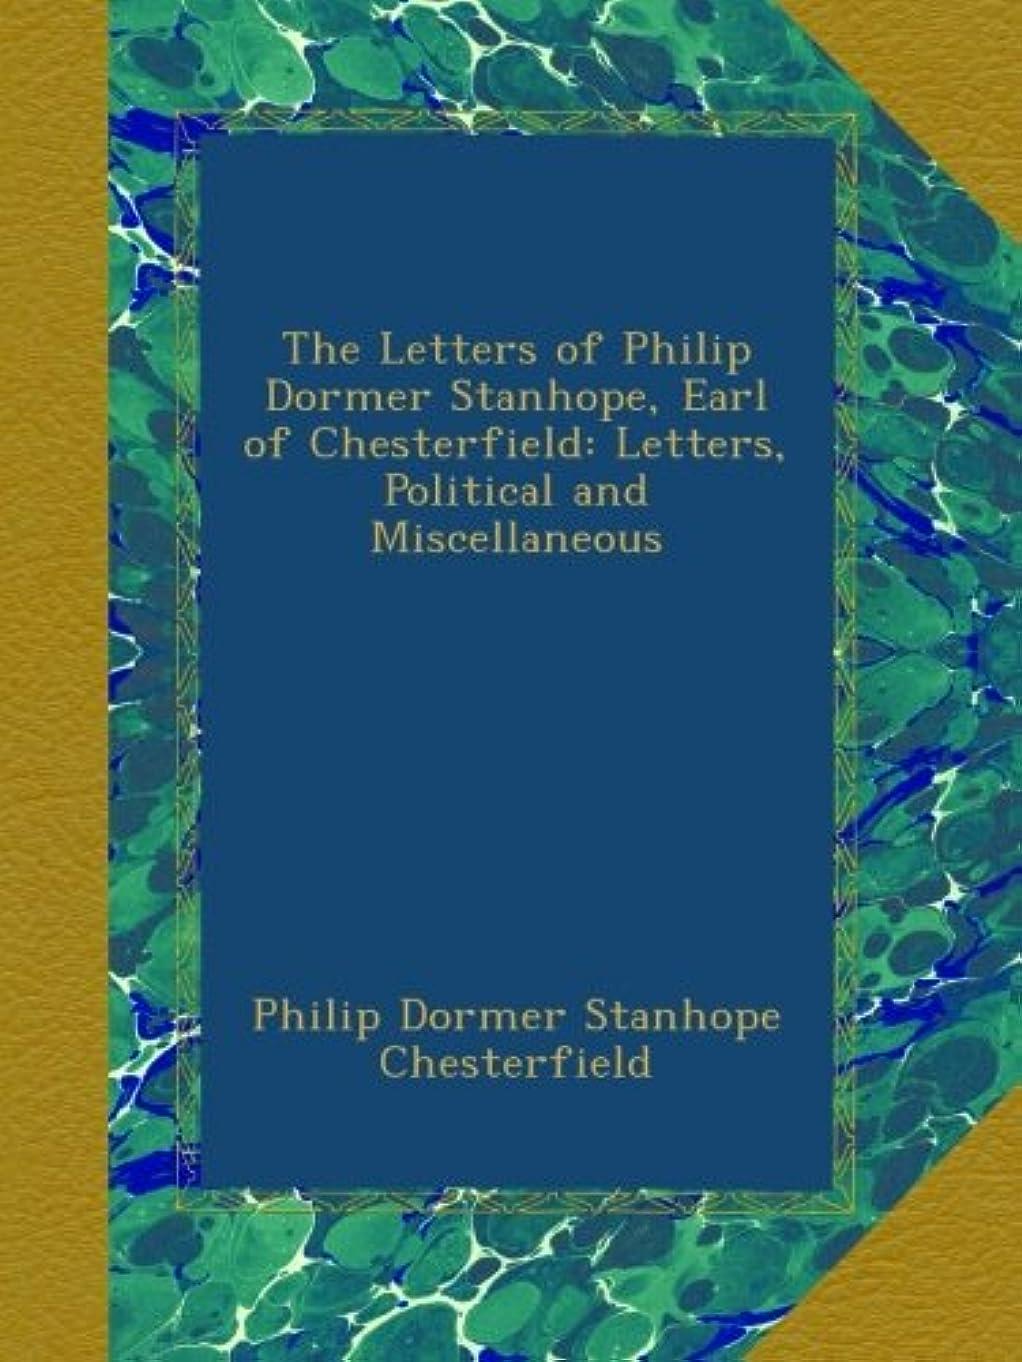 人質放棄されたスラダムThe Letters of Philip Dormer Stanhope, Earl of Chesterfield: Letters, Political and Miscellaneous